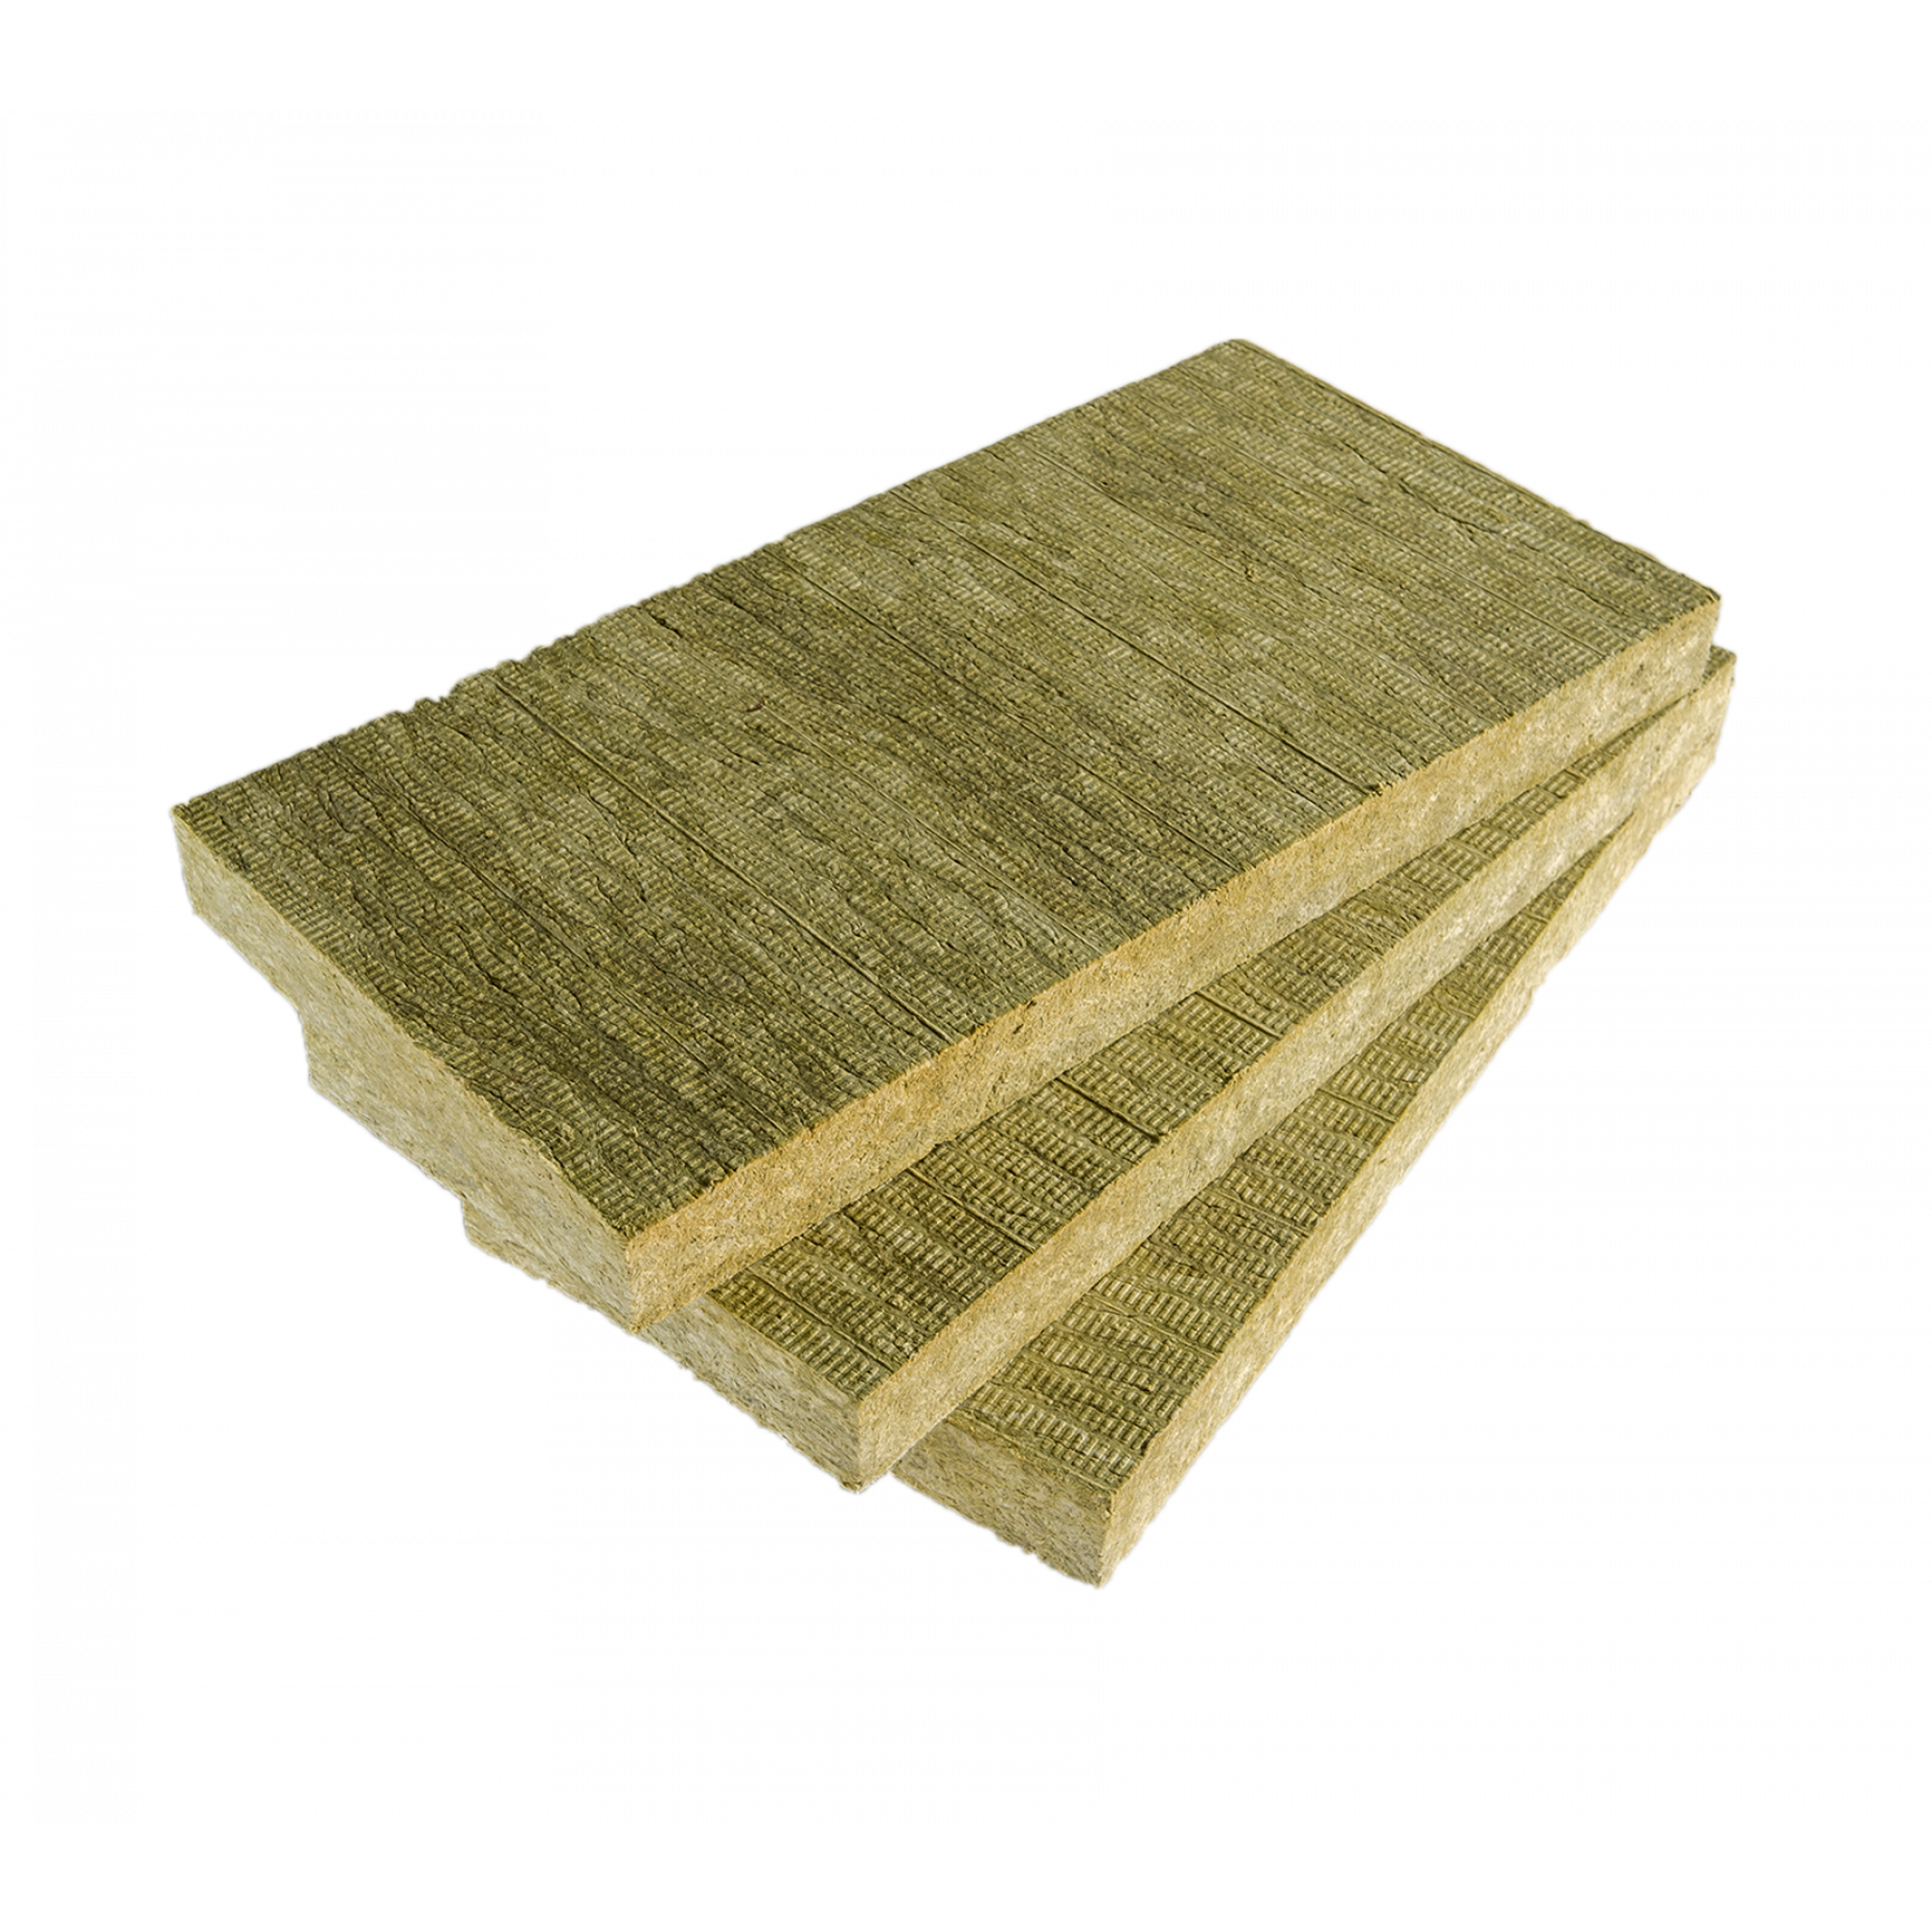 <p>требуется&nbsp;Минераловатные плиты 1200х600,&nbsp;Плотность, 80кг/м&sup3;,&nbsp;Толщина плиты, 100мм - 260м&sup3; и 150мм - 200м&sup3;.</p>